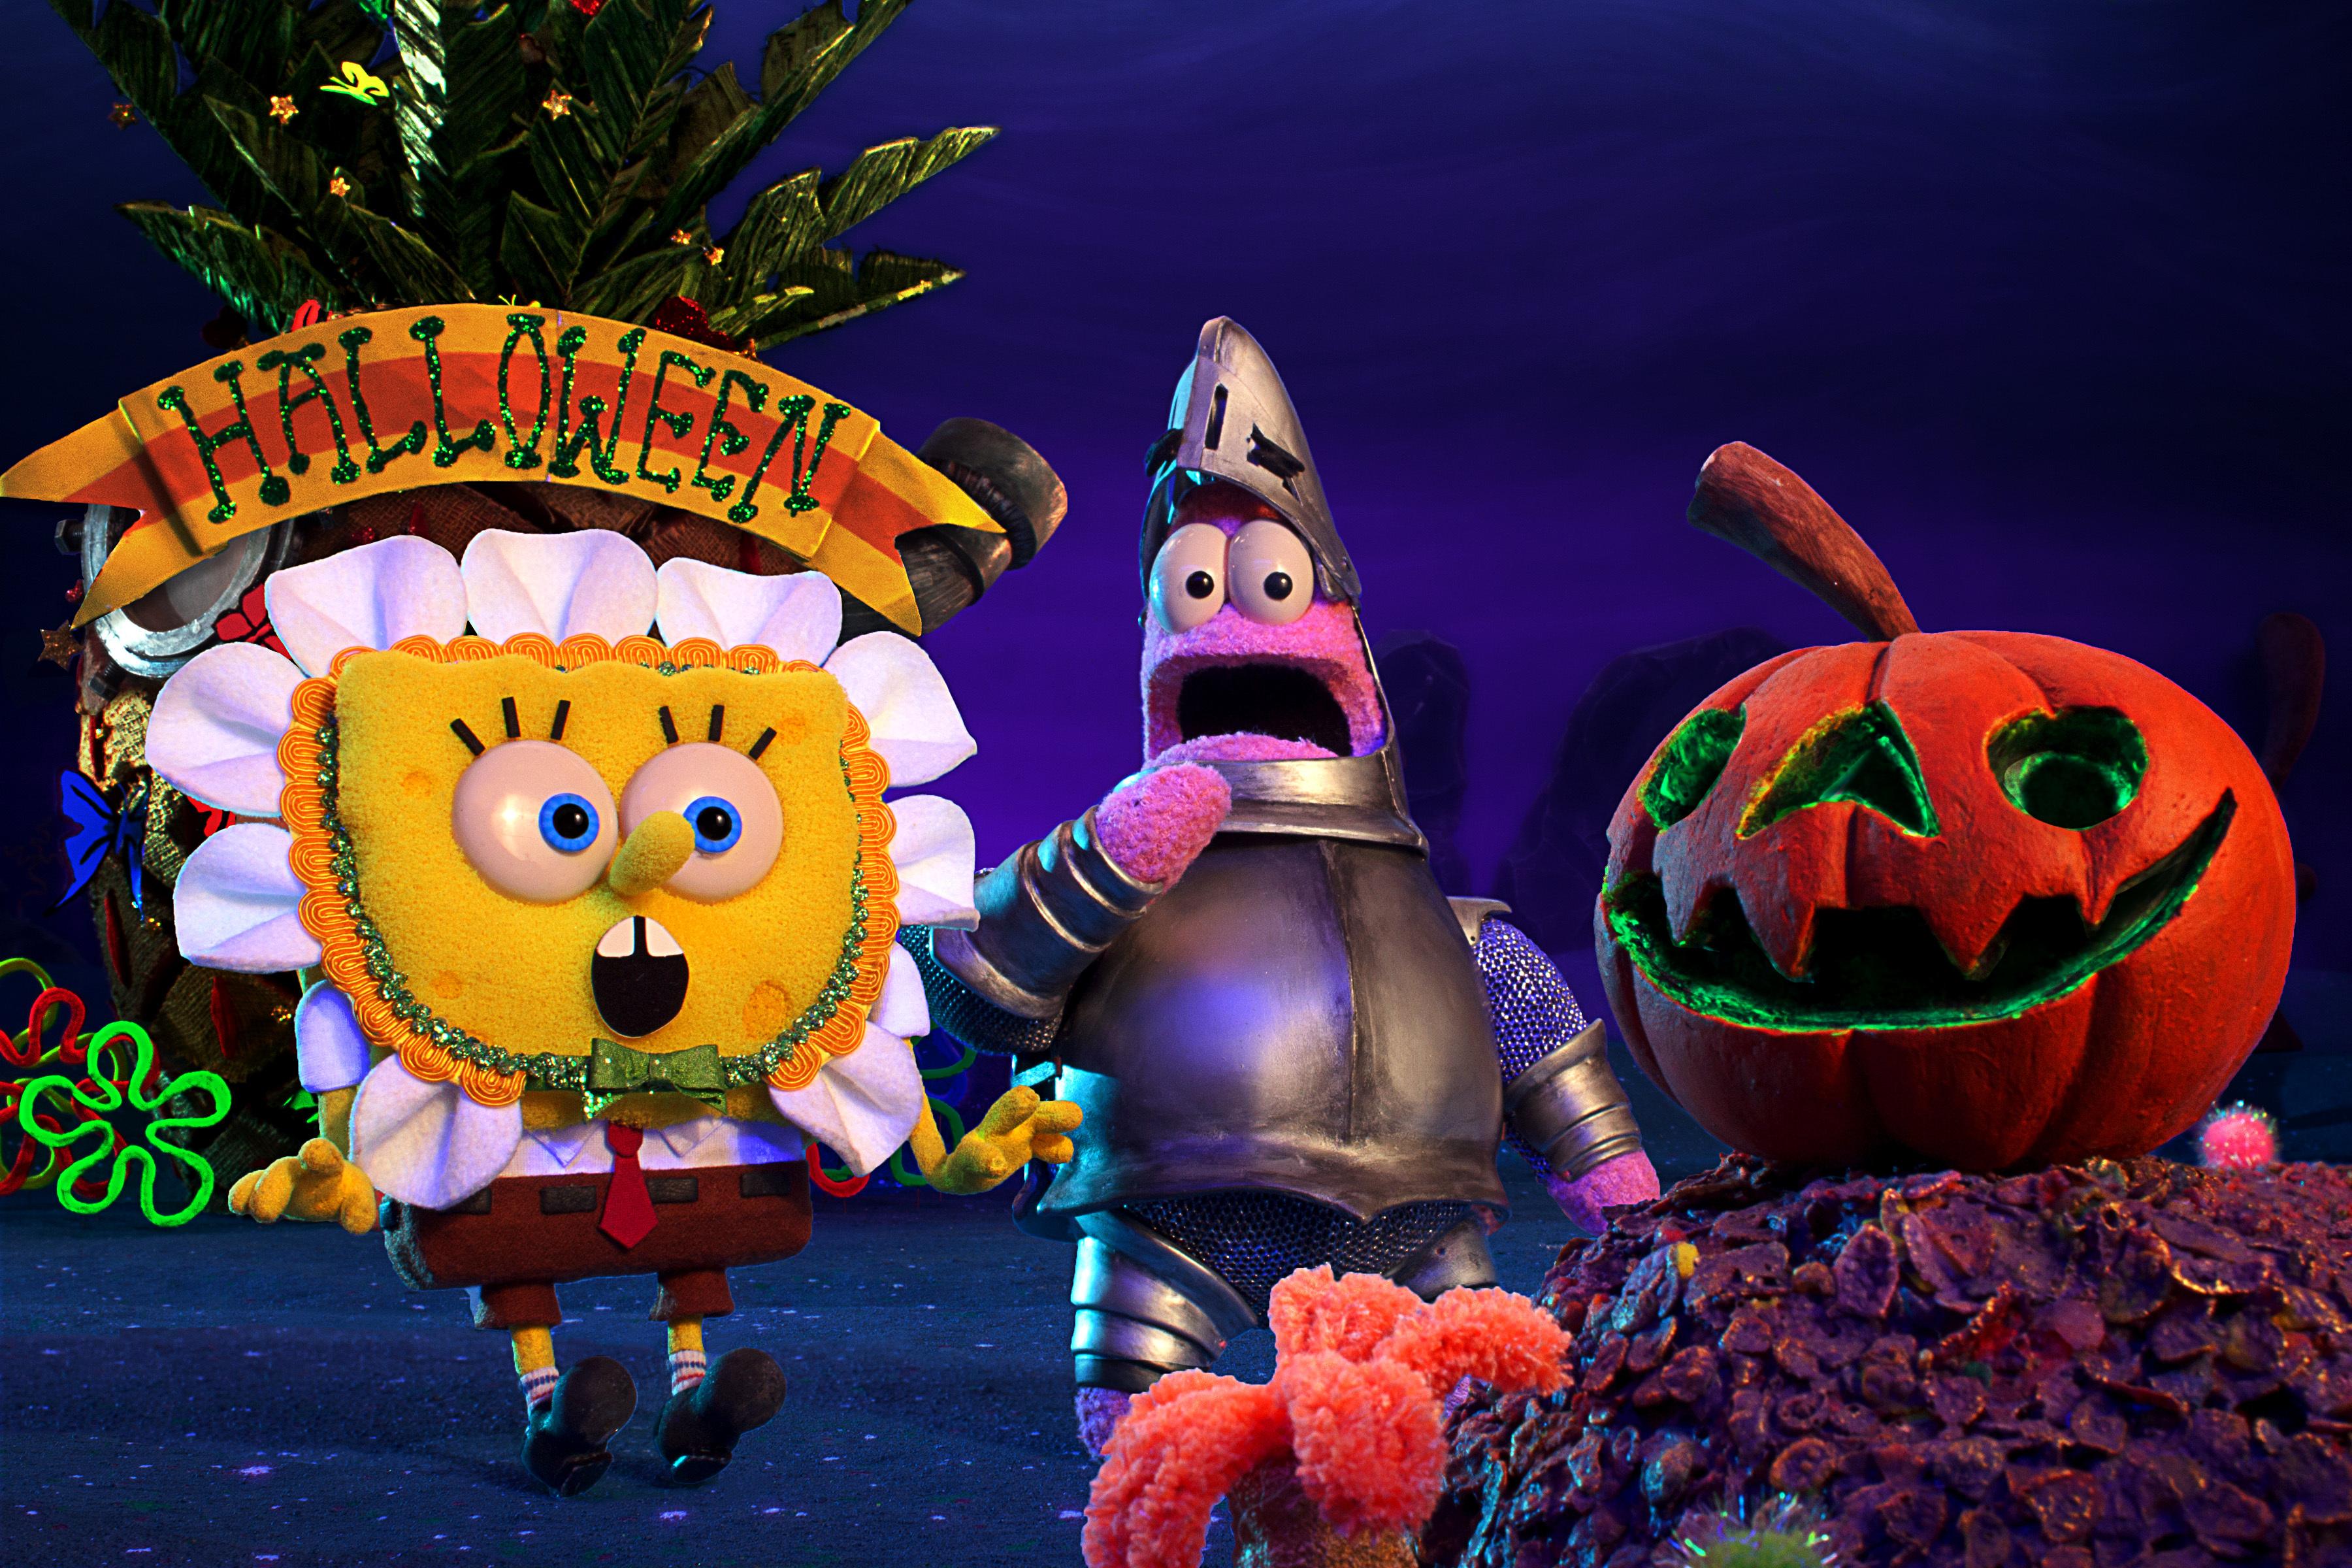 Spongebob Halloween Episode 2020 Nickelodeon to Premiere Brand New SpongeBob SquarePants Halloween